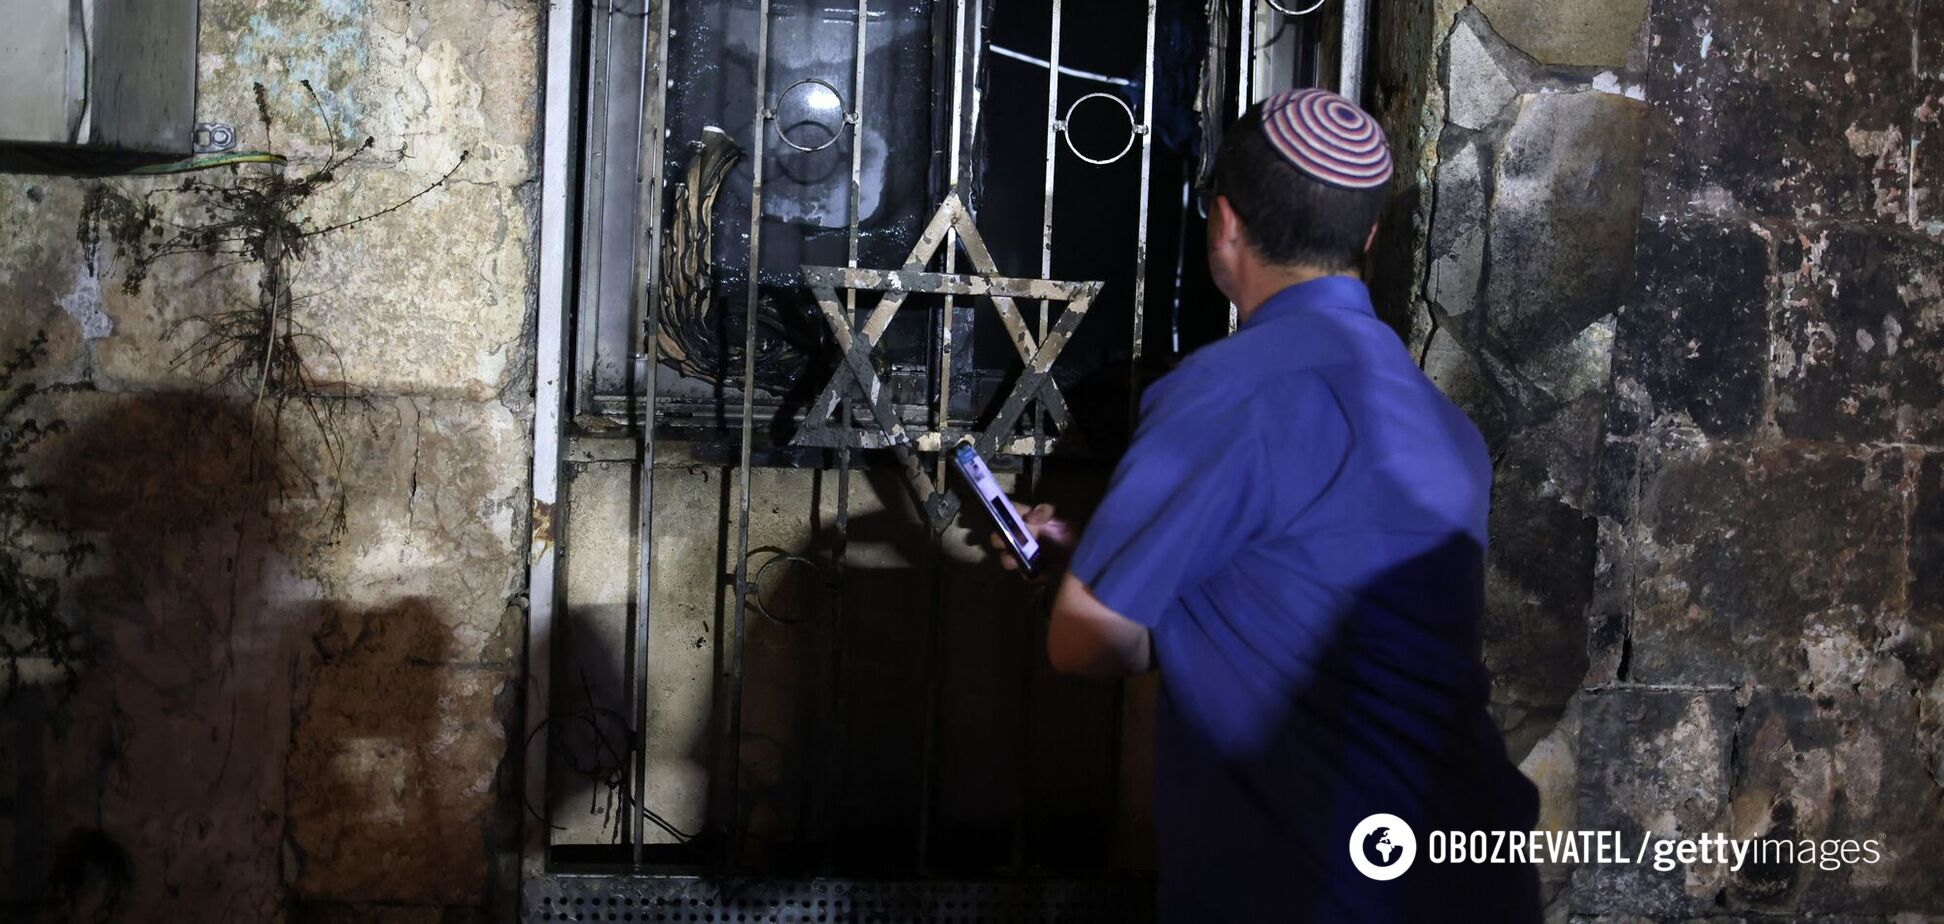 Ізраїль зазнав атаки із сектору Газа й відплатив авіаударом: що зараз відбувається в зоні протистояння